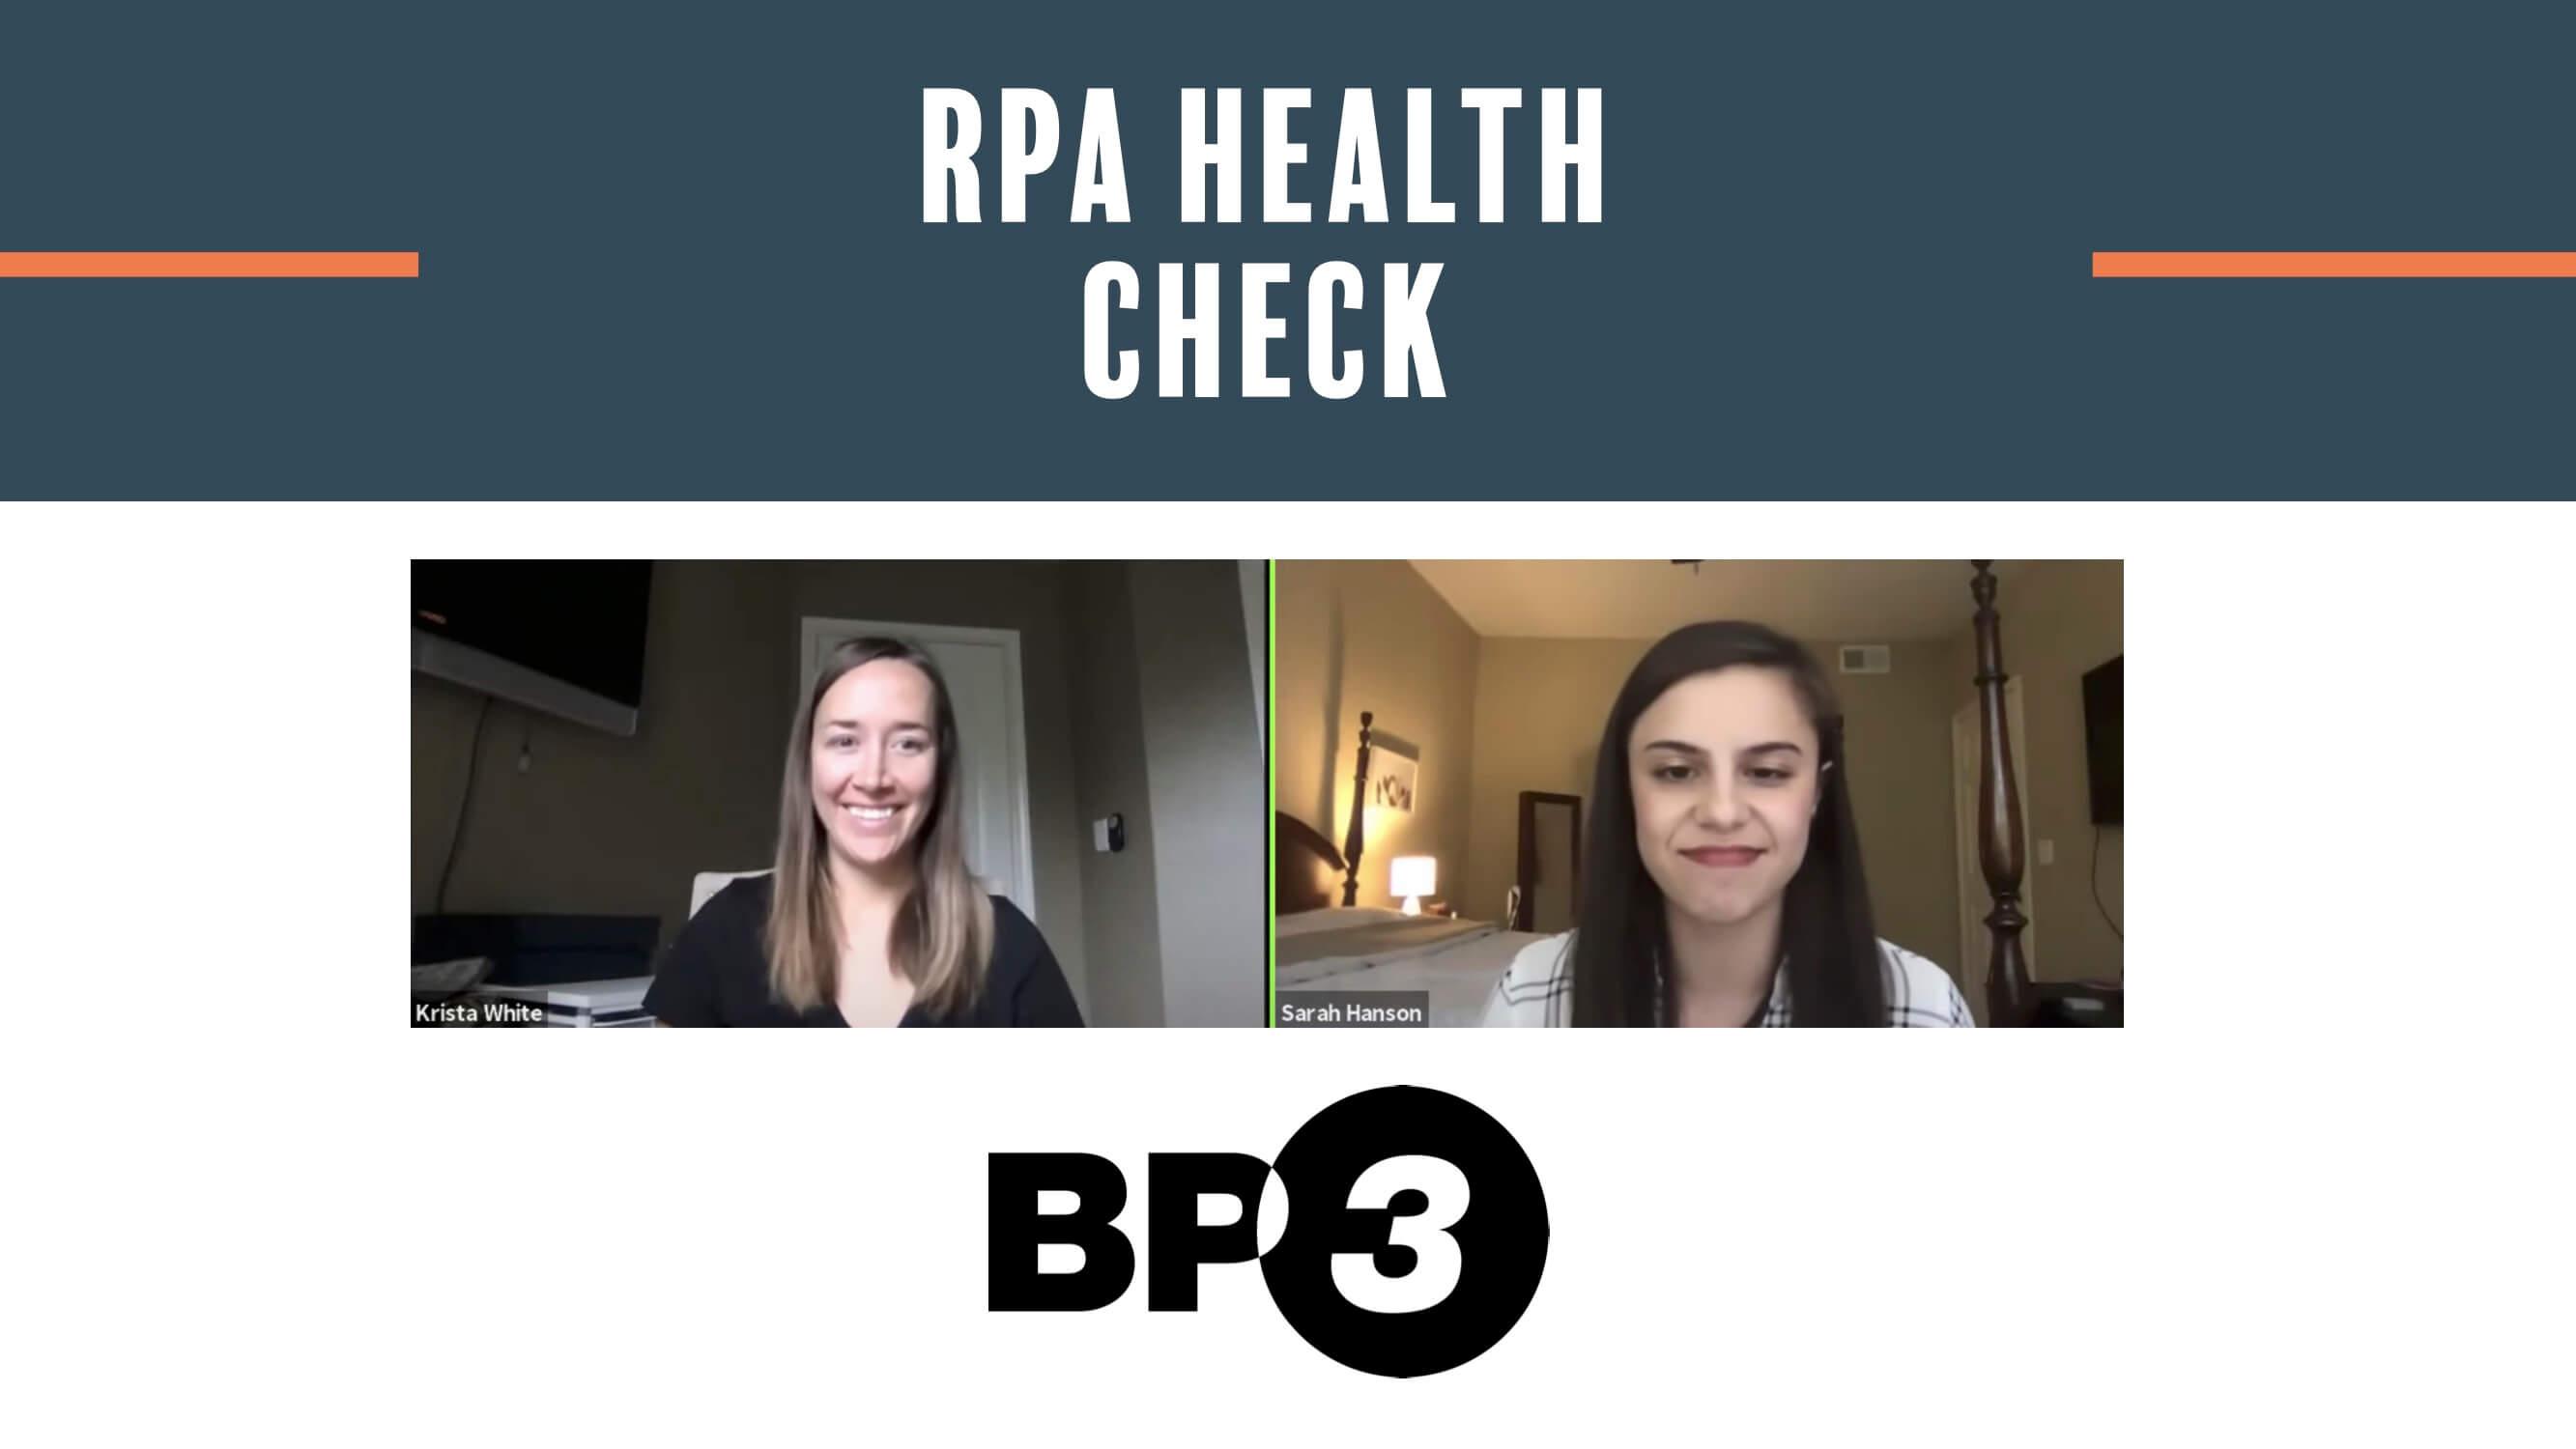 RPA Health Check